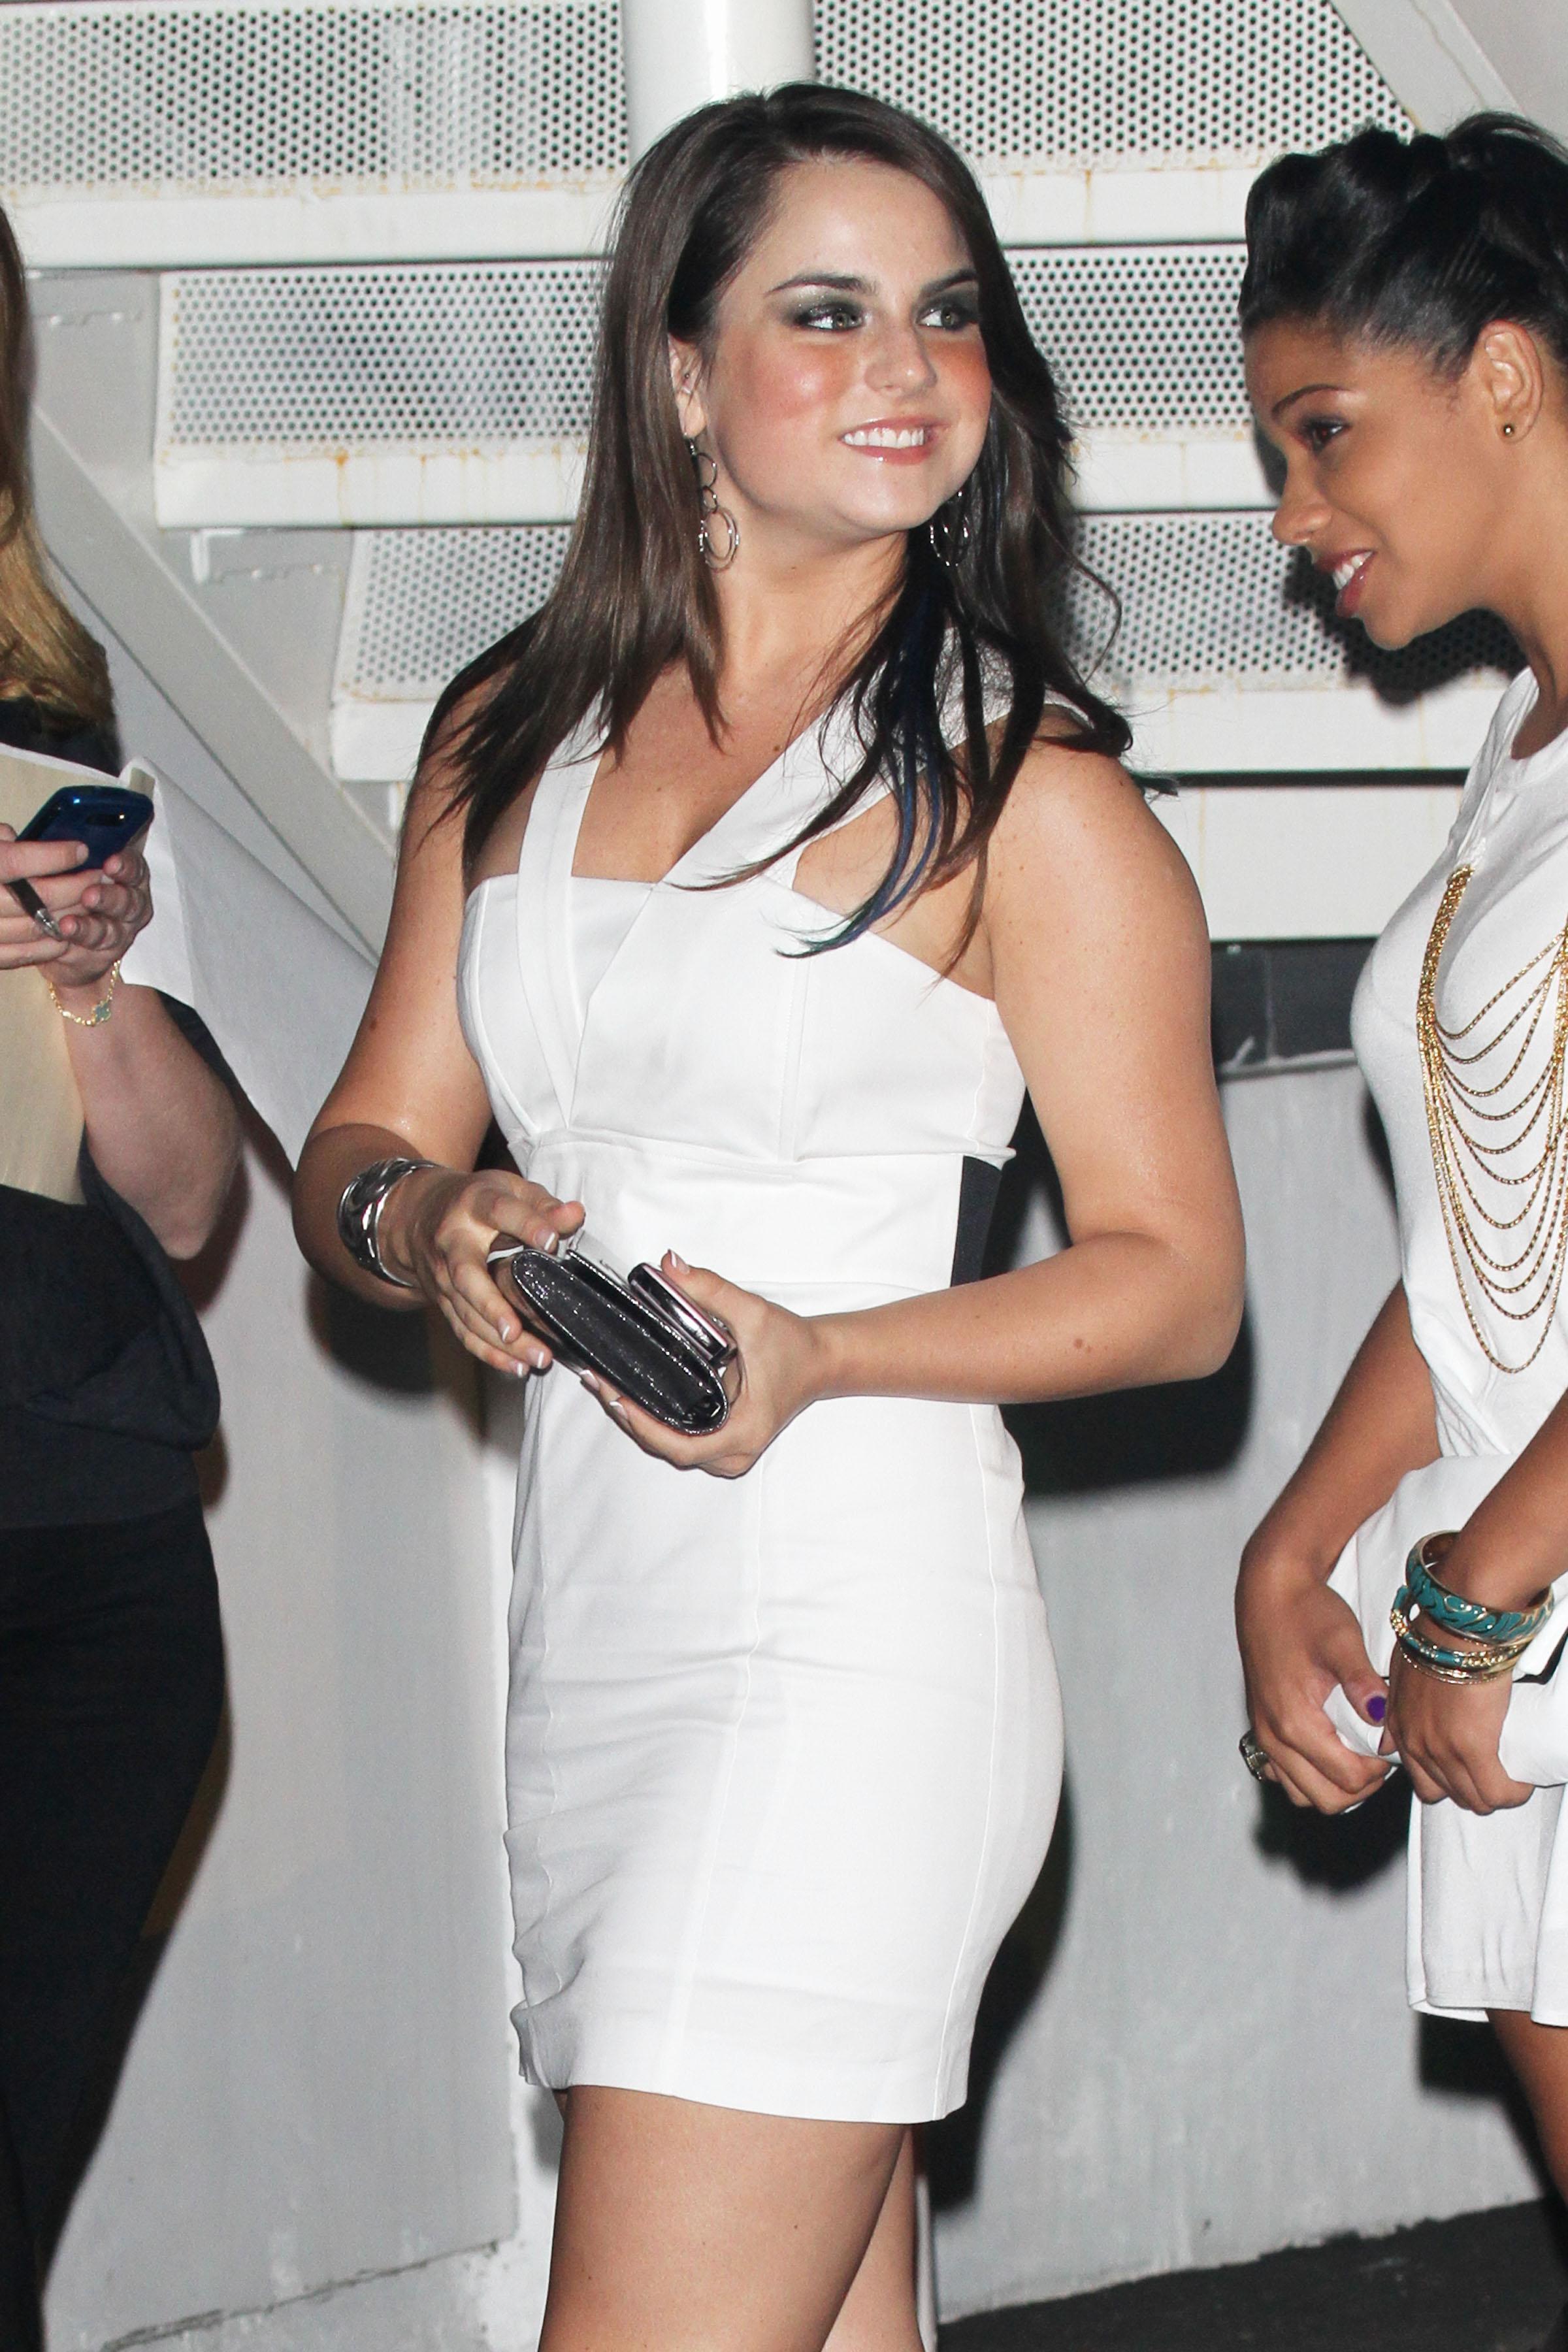 74135_Joanna_JoJo_Levesque_arrives_to_celebrate_Katy_Perrys_25th_birthday_party_122_483lo.jpg